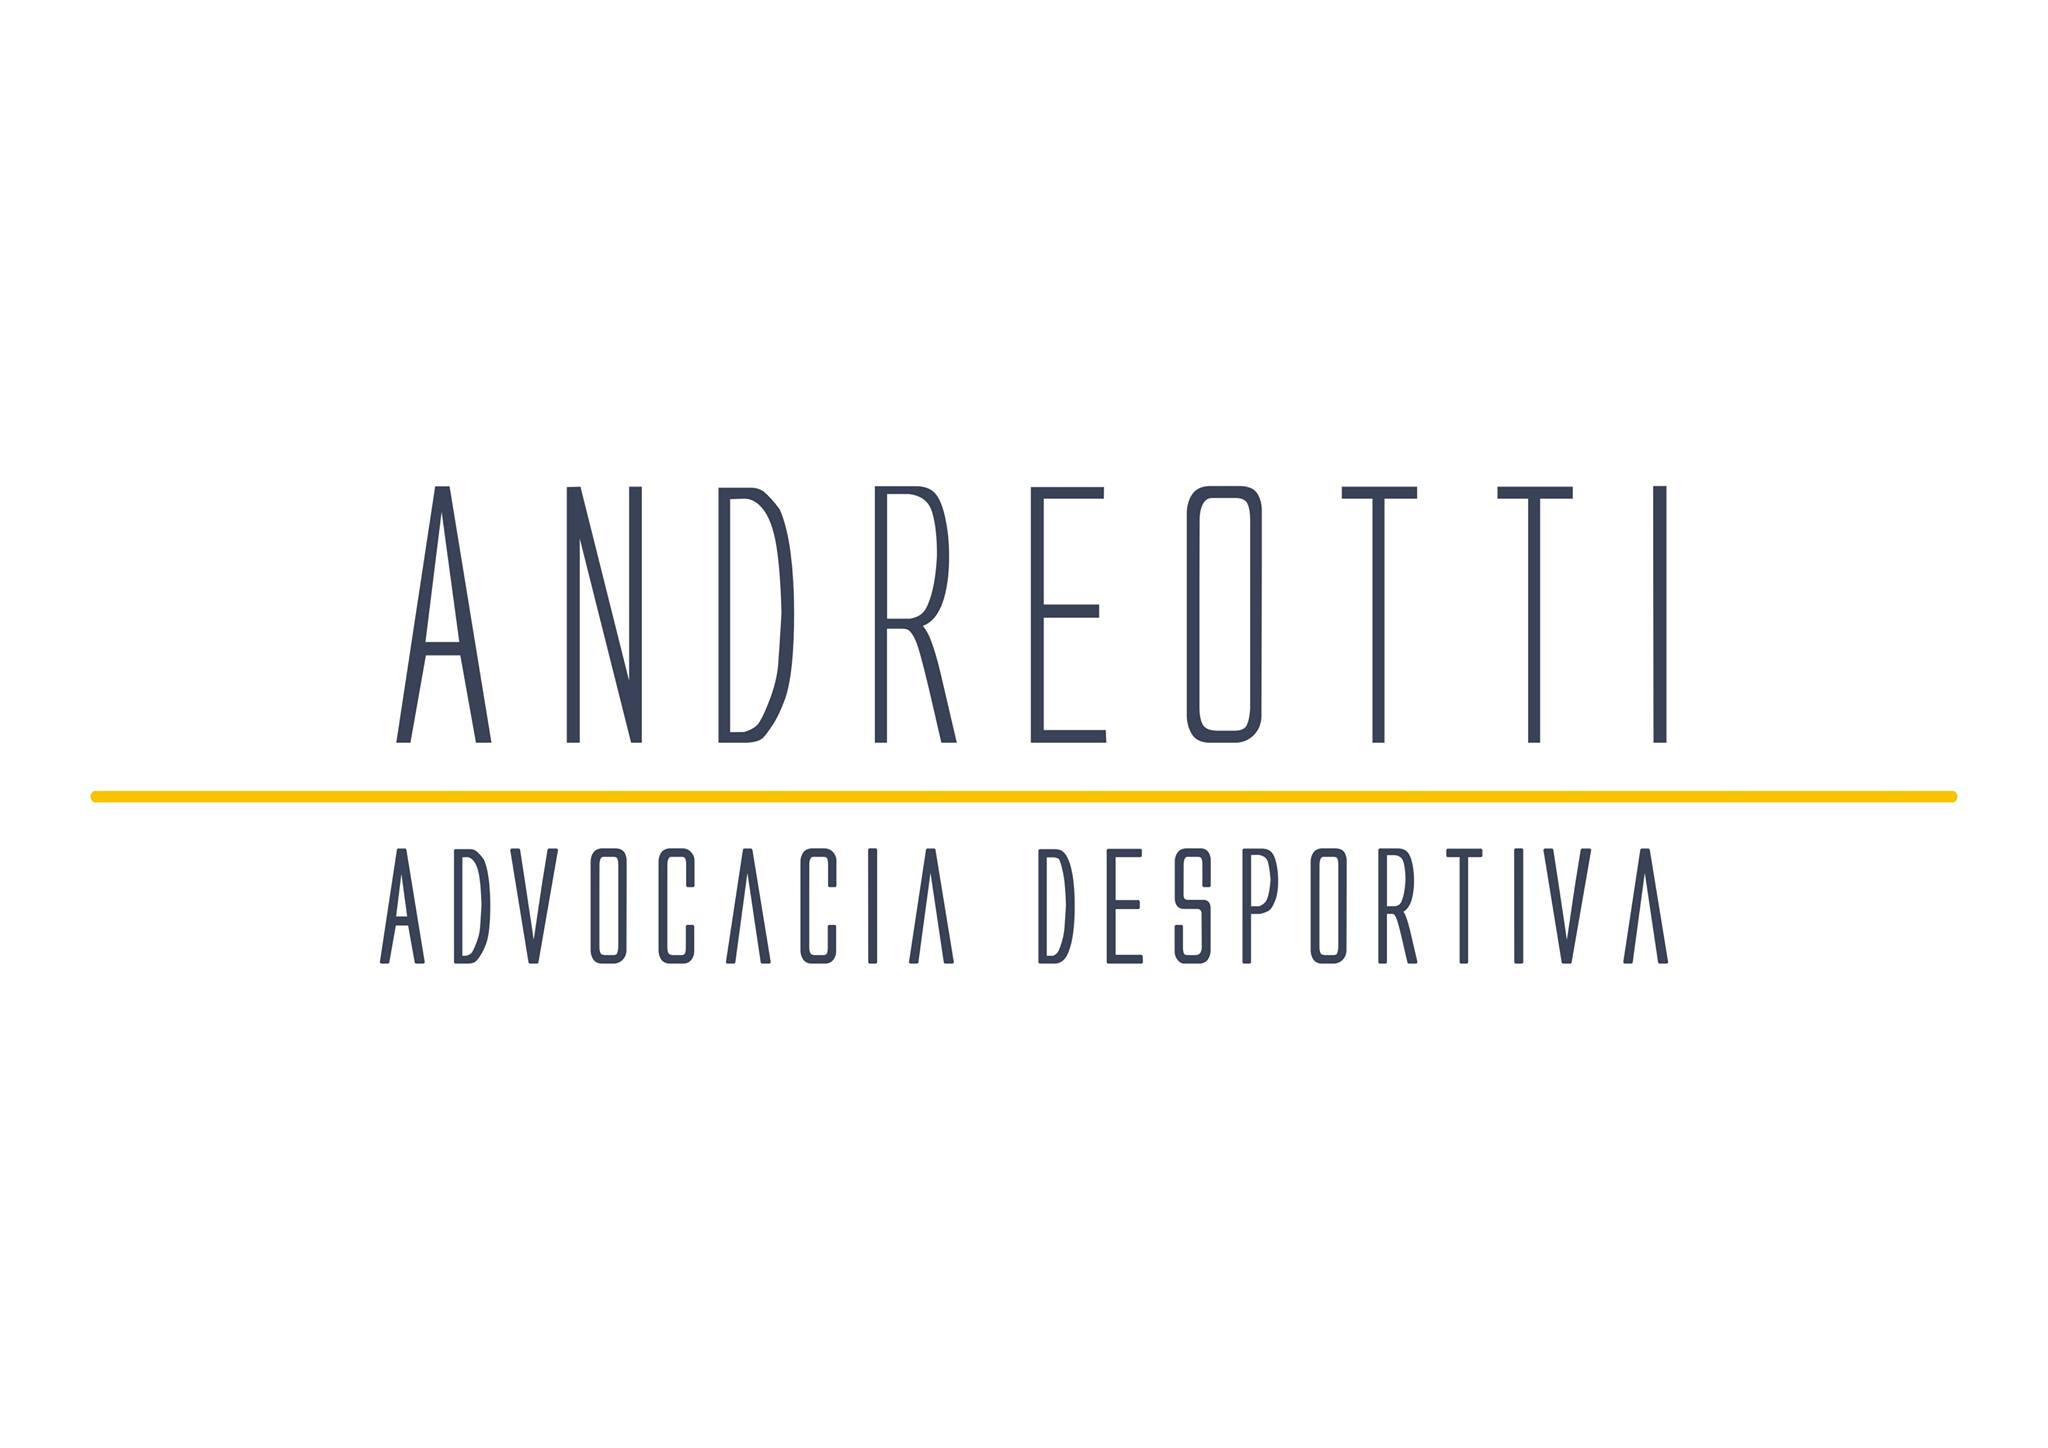 Andreotti Advocacia Desportiva